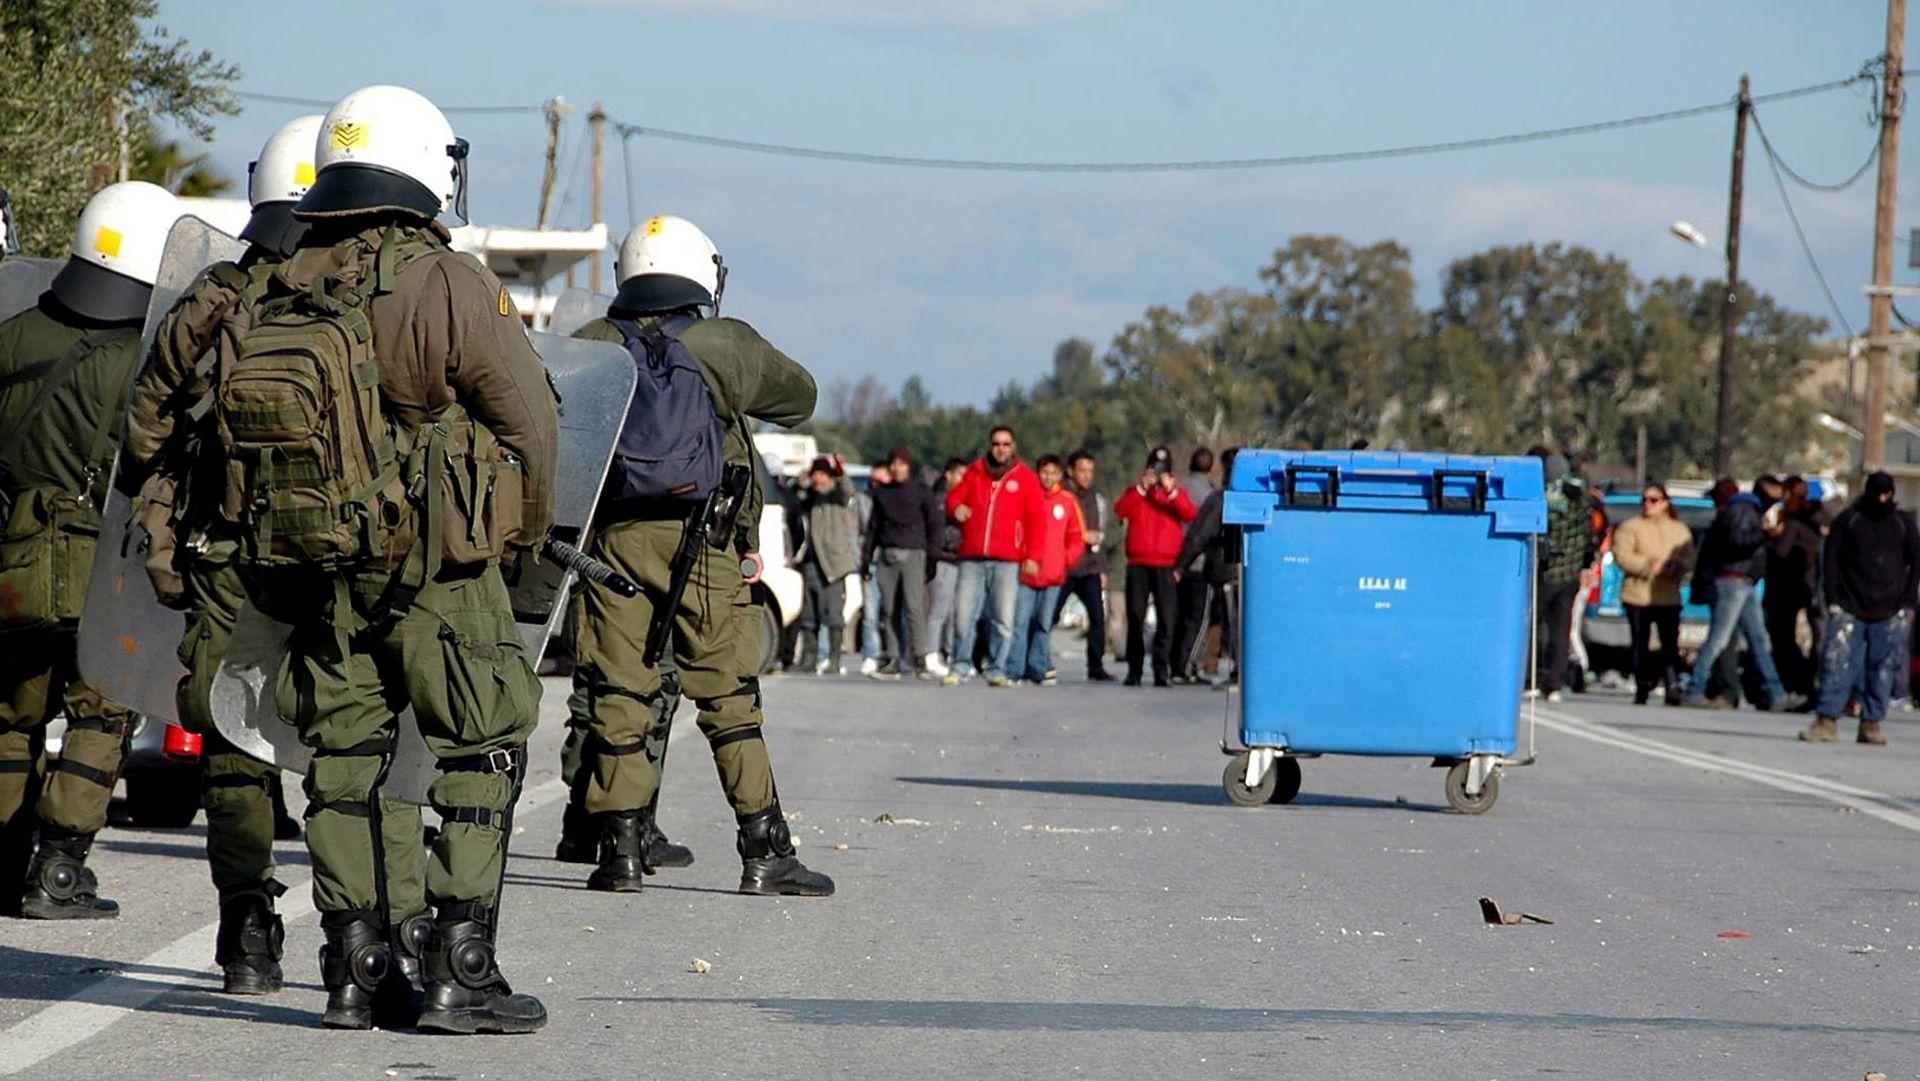 REAGIRALI I SPECIJALCI: Novi prosvjed na Kosu protiv prihvatnog centra za migrante